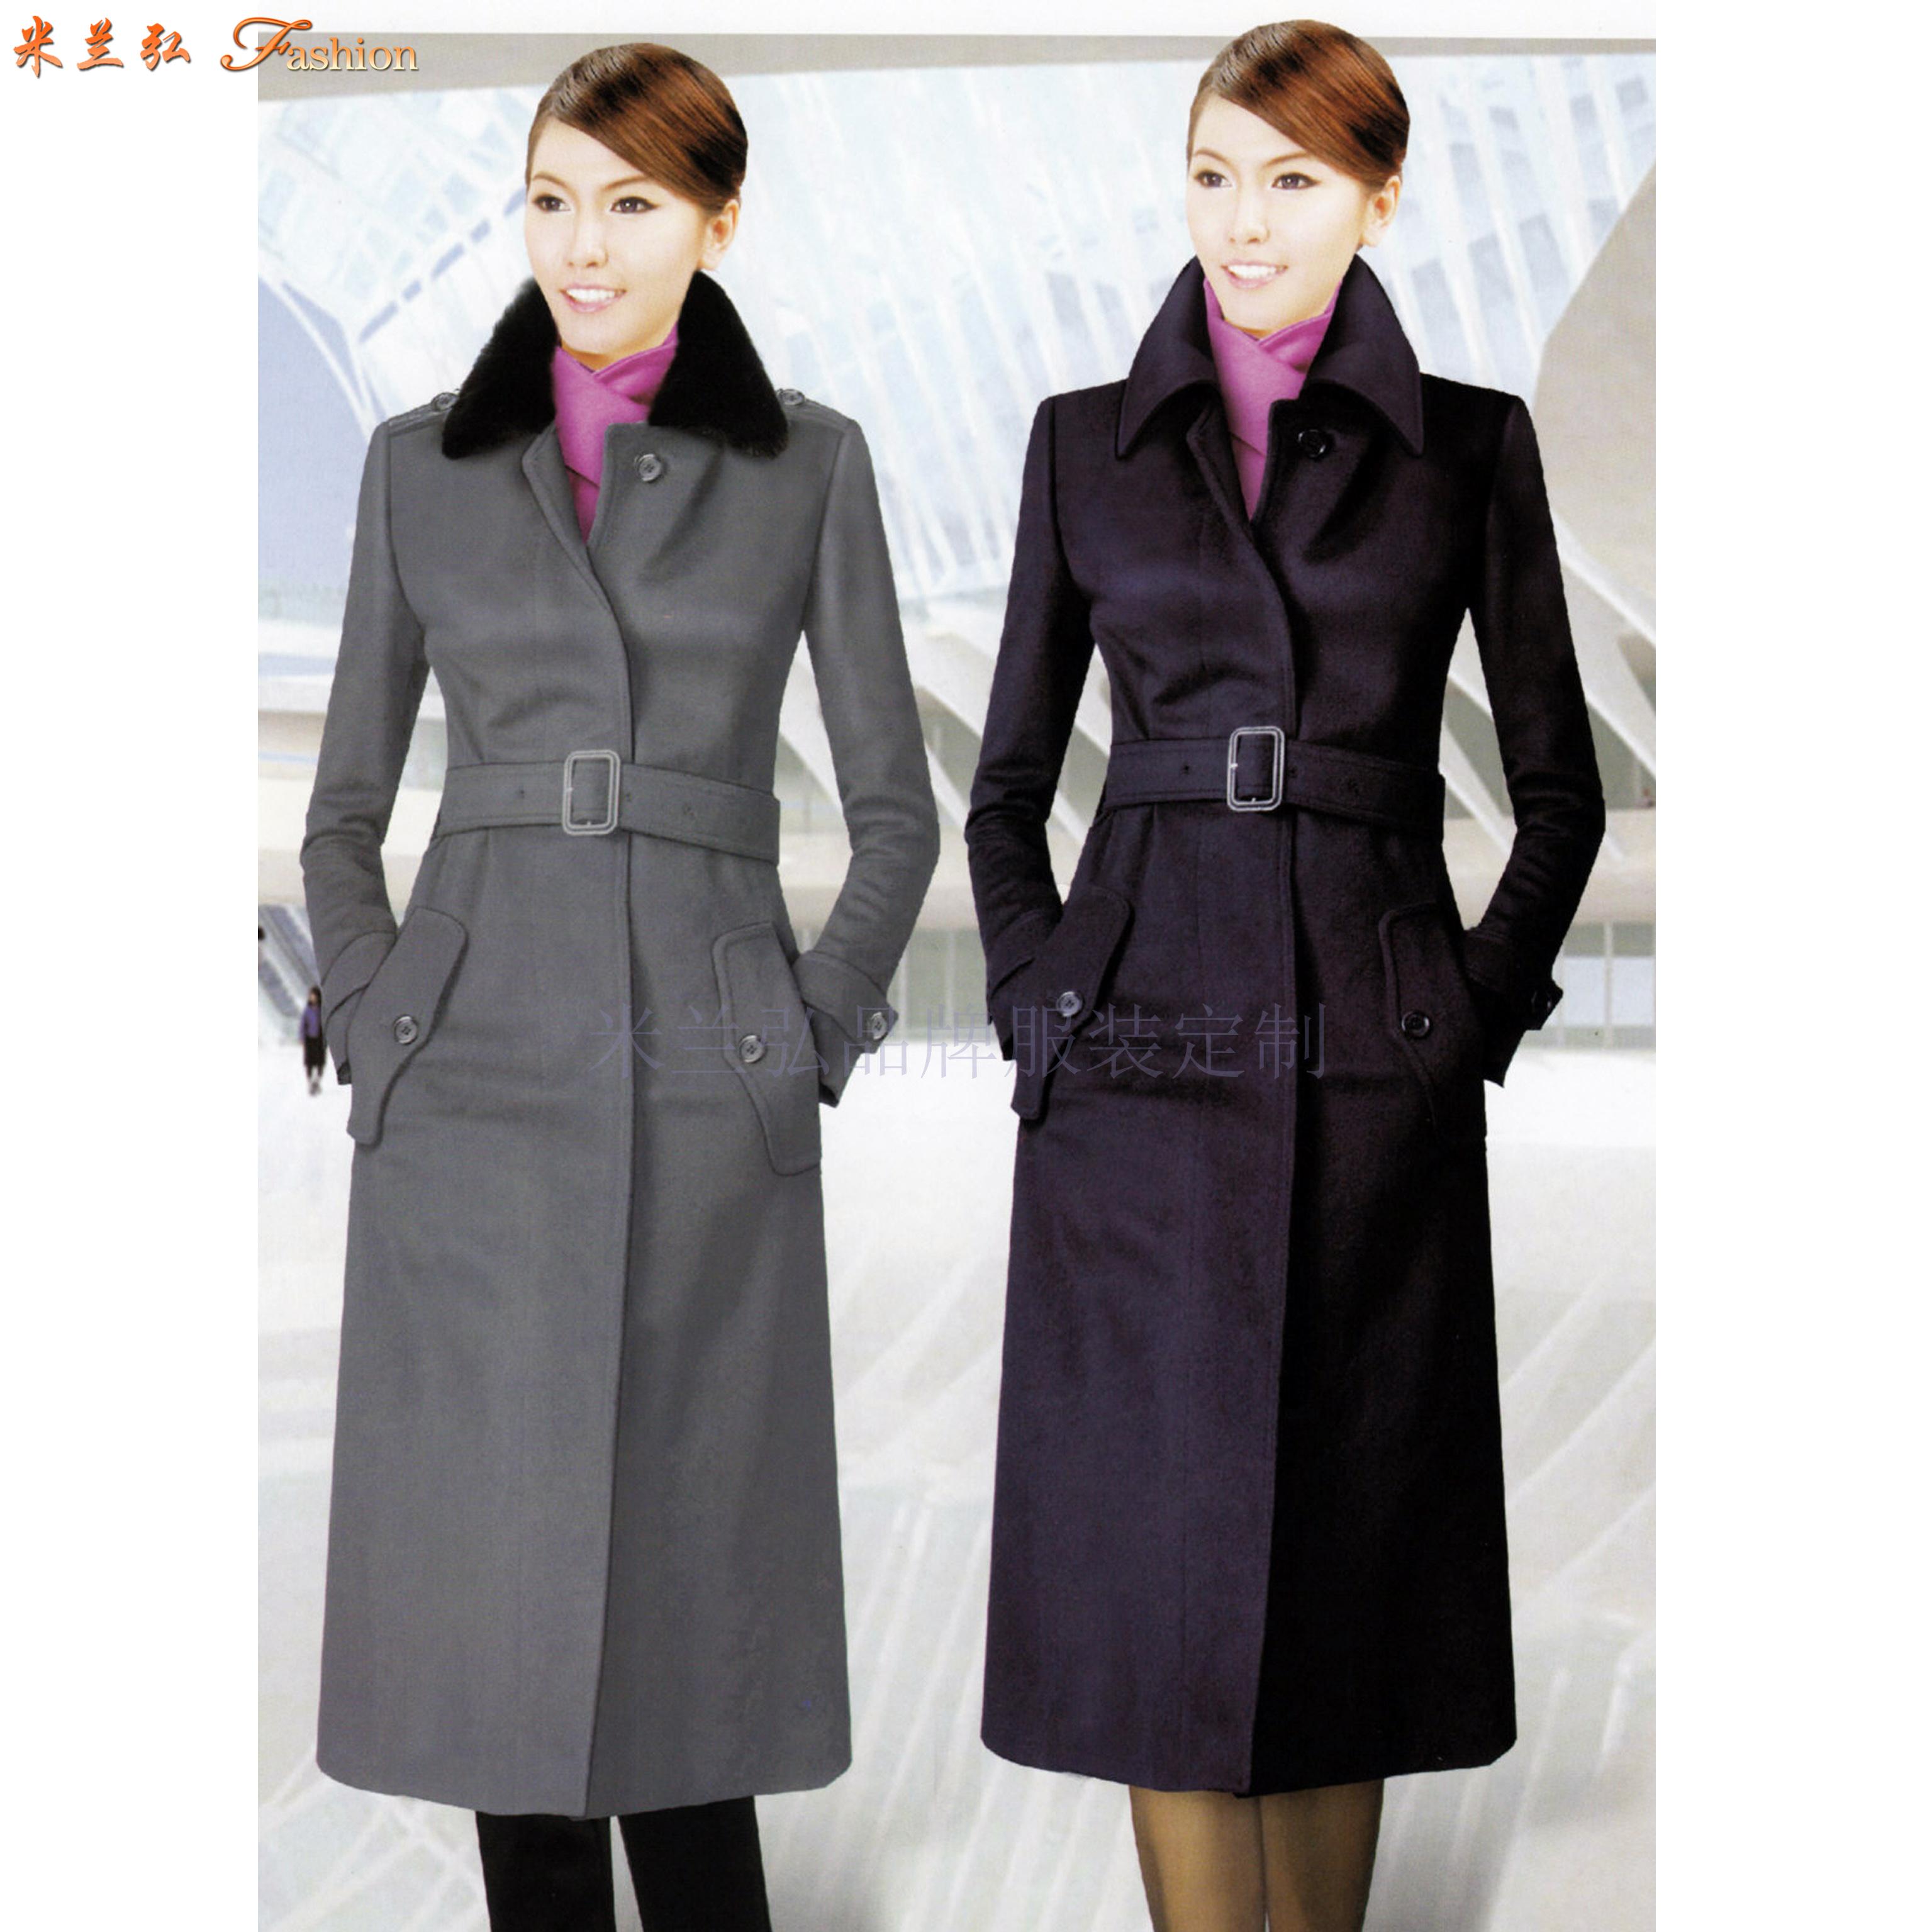 山西呢子大衣,山西羊毛呢子男女士大衣定做品牌-1